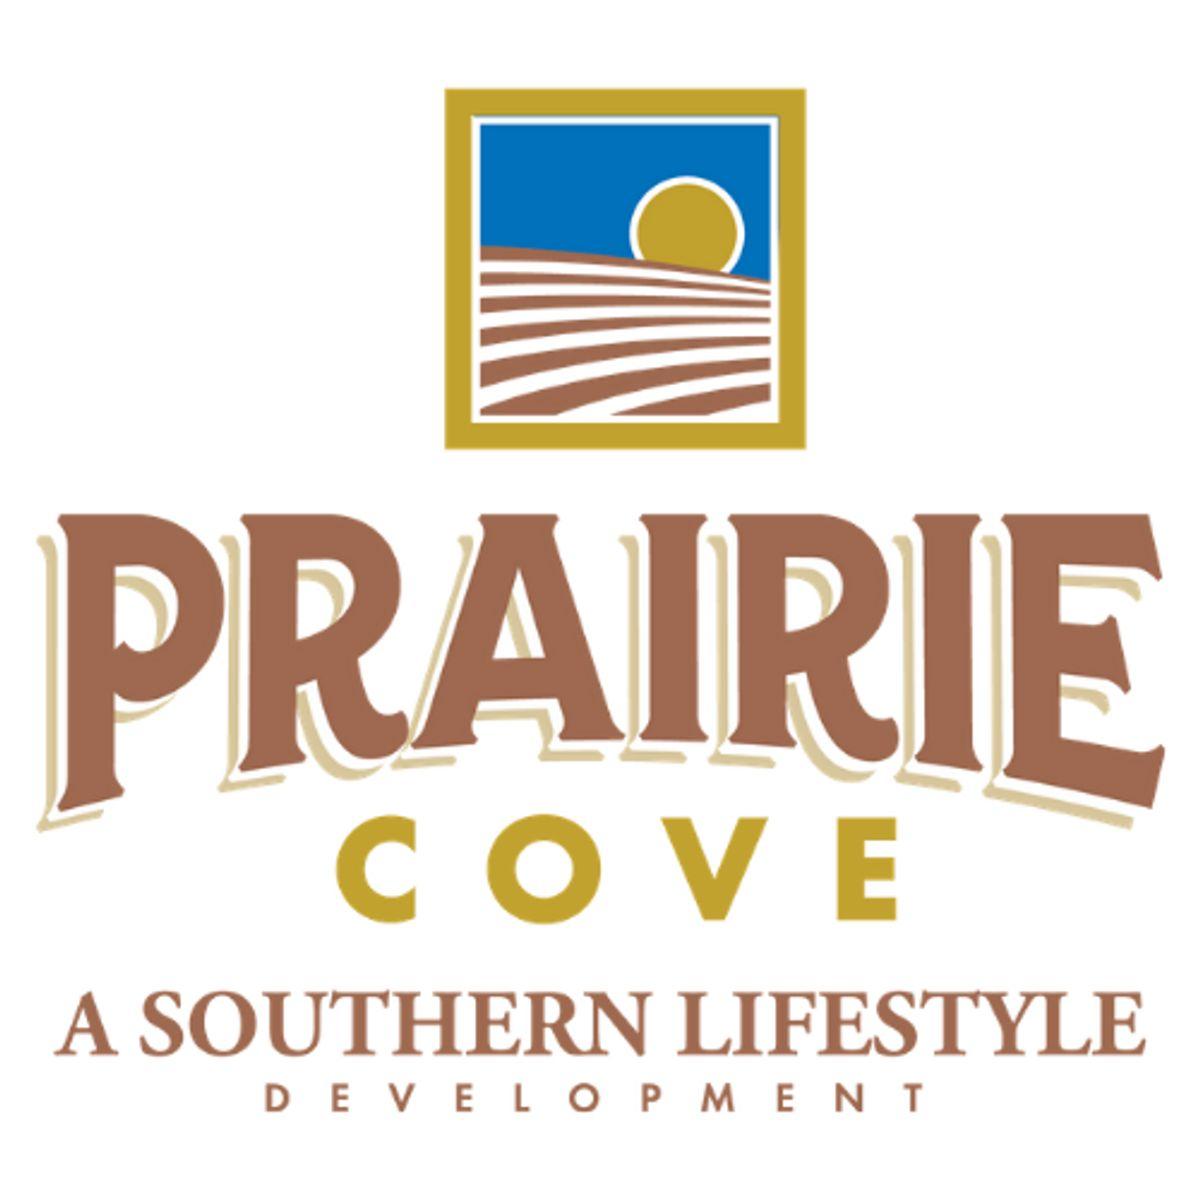 Prairie Cove